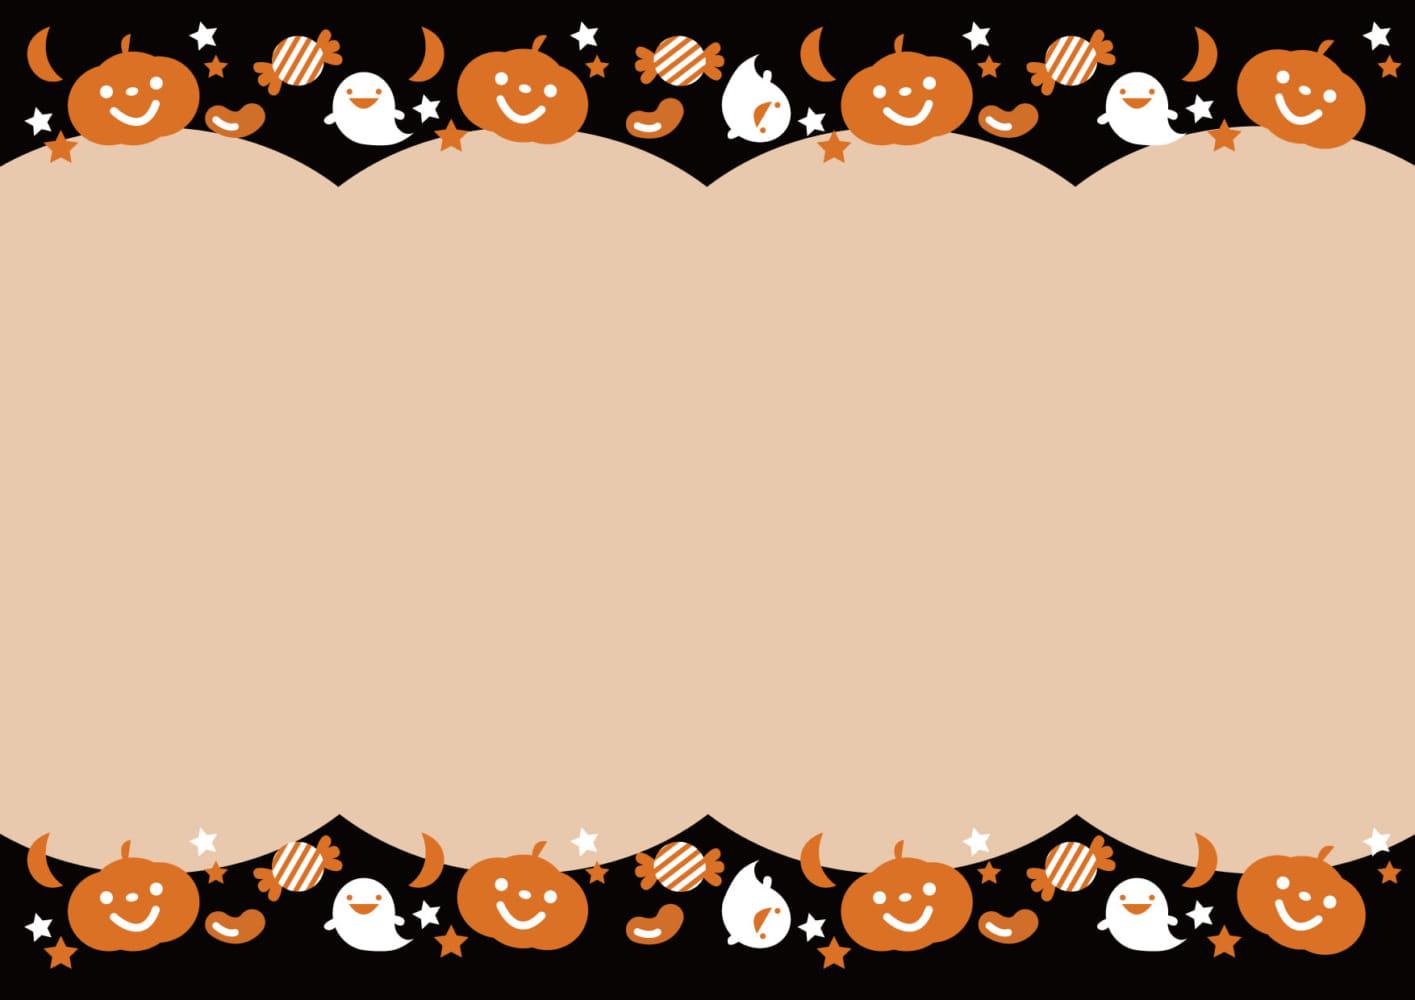 ハロウィン 背景 オレンジ ブラック イラスト 無料